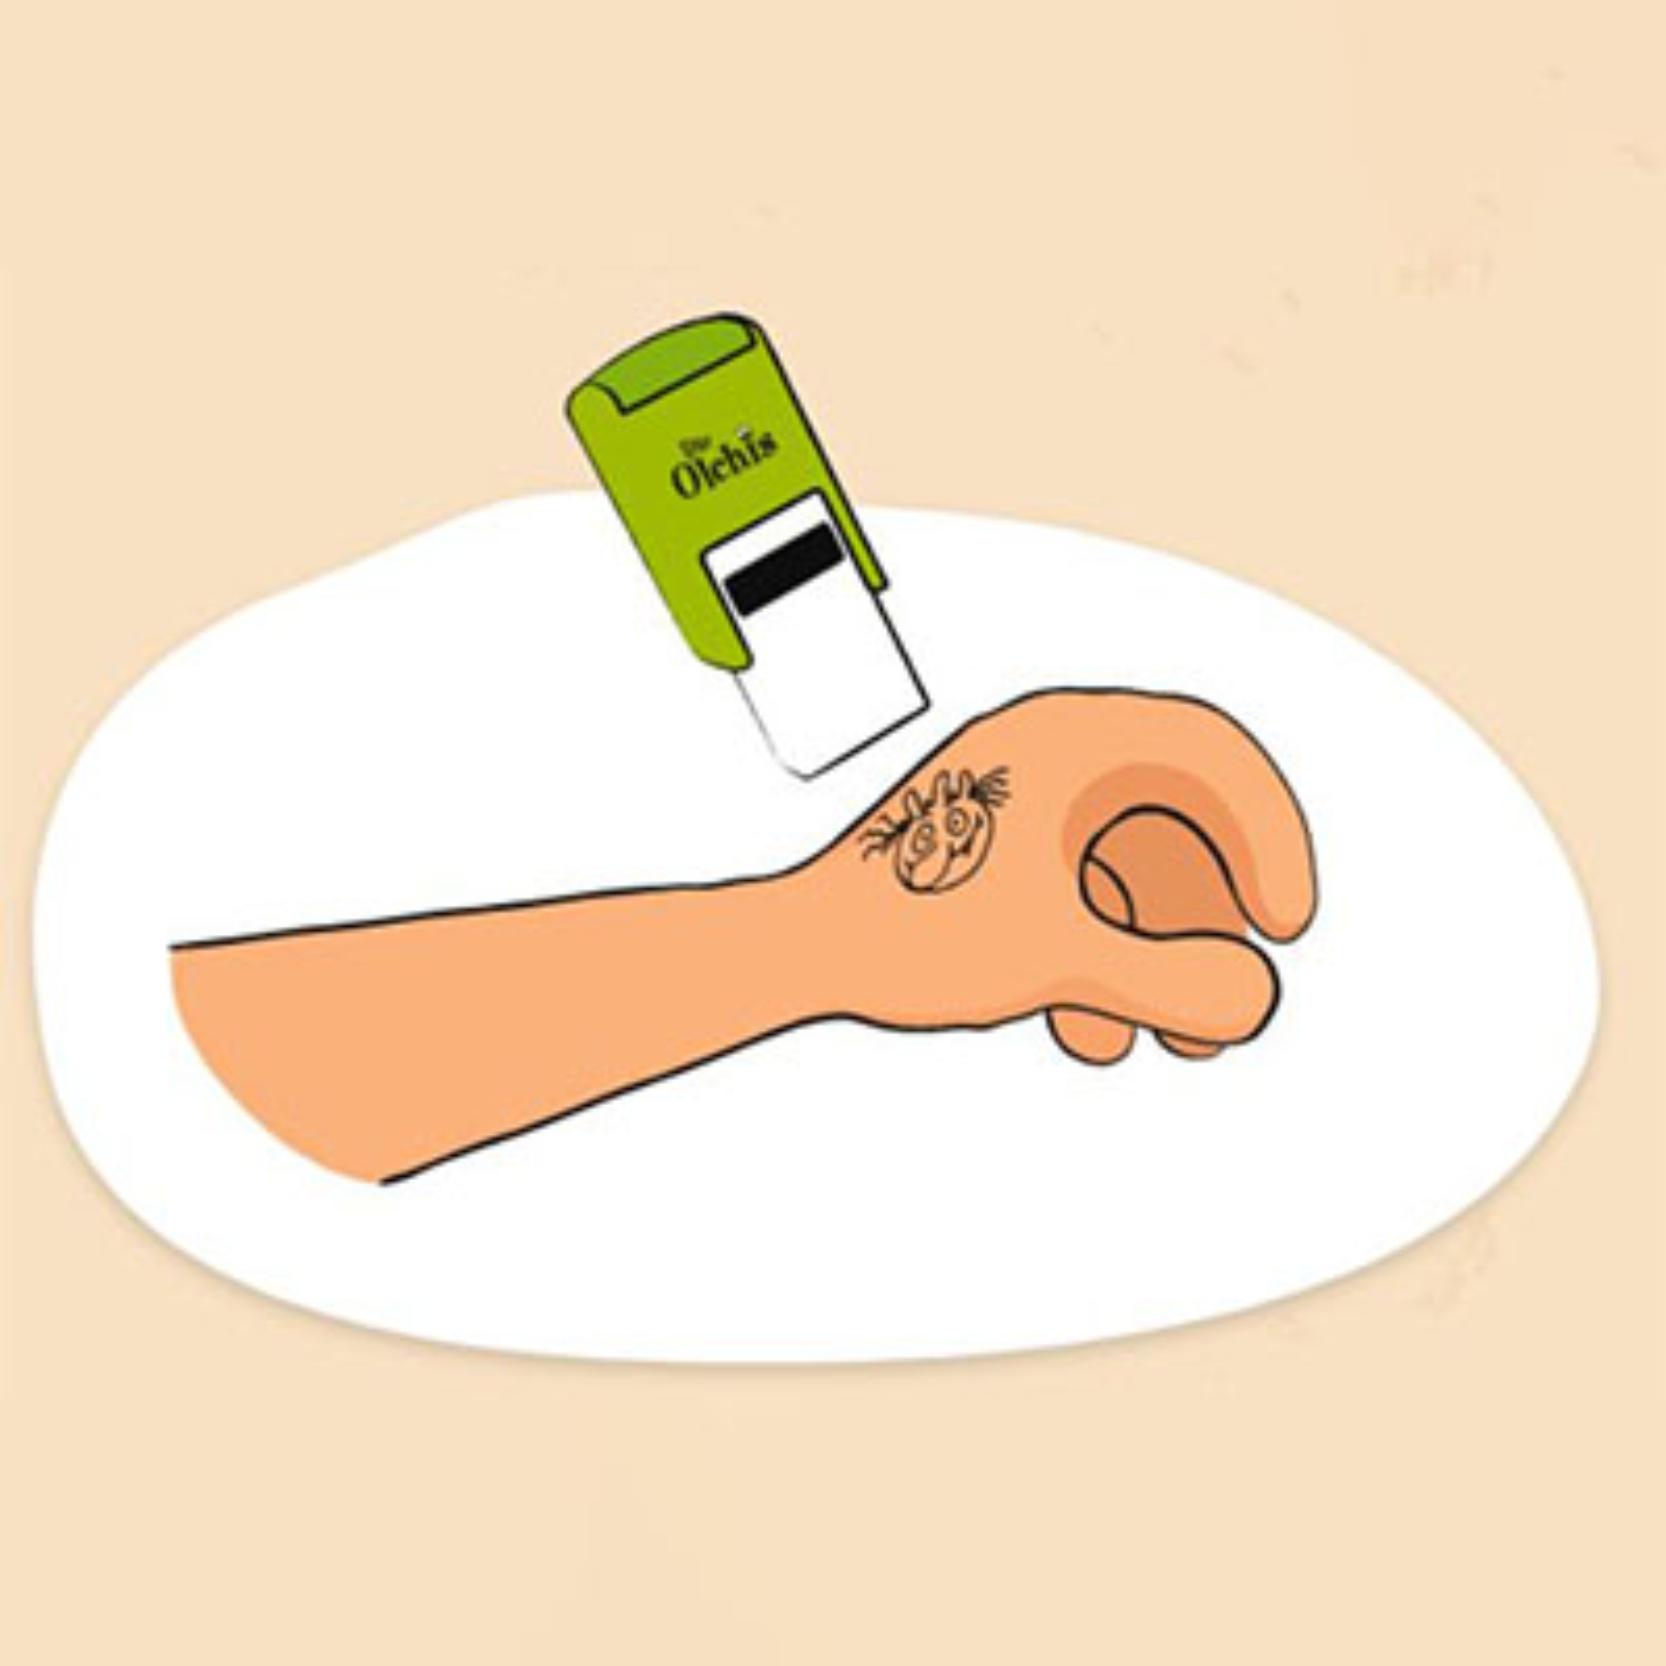 Der Schmuddelpfoten-Stempel motiviert Kinder sich mehrmals täglich und möglichst gründlich die Hände zu waschen.